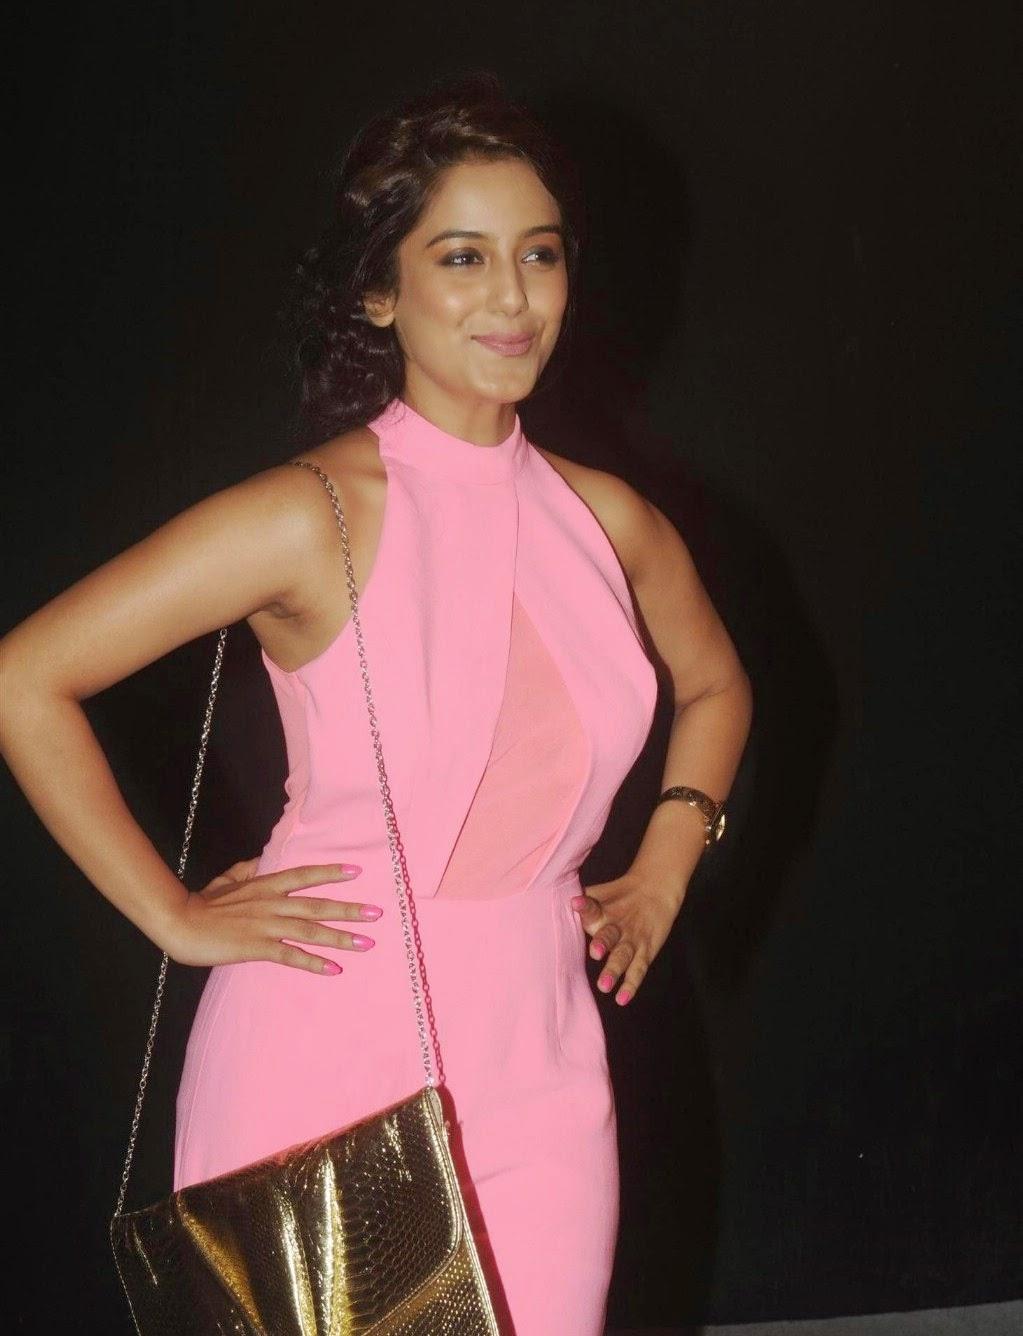 Adaa Khan dazzling saree stills from Gemini awards